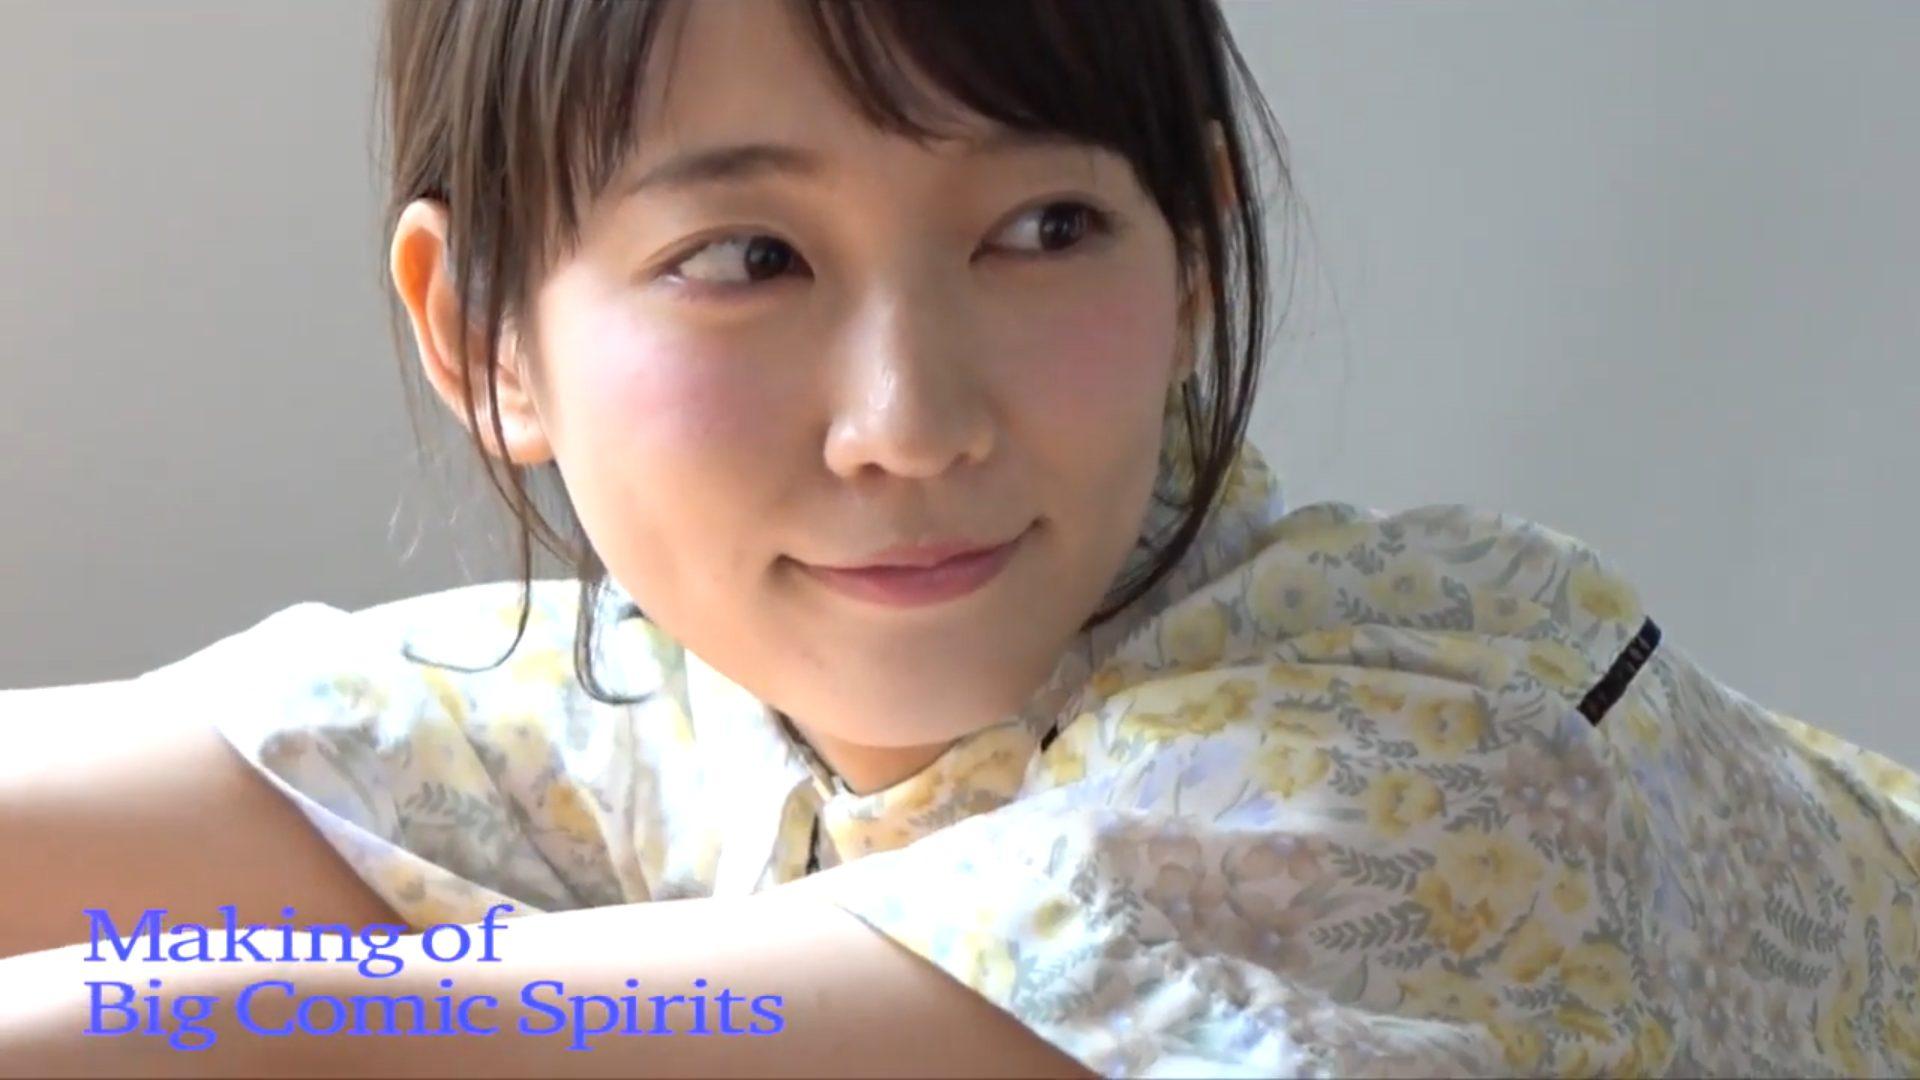 【吉岡里帆】-カップ5 スピリッツメイキング動画!清楚で可憐な姿をご覧ください!